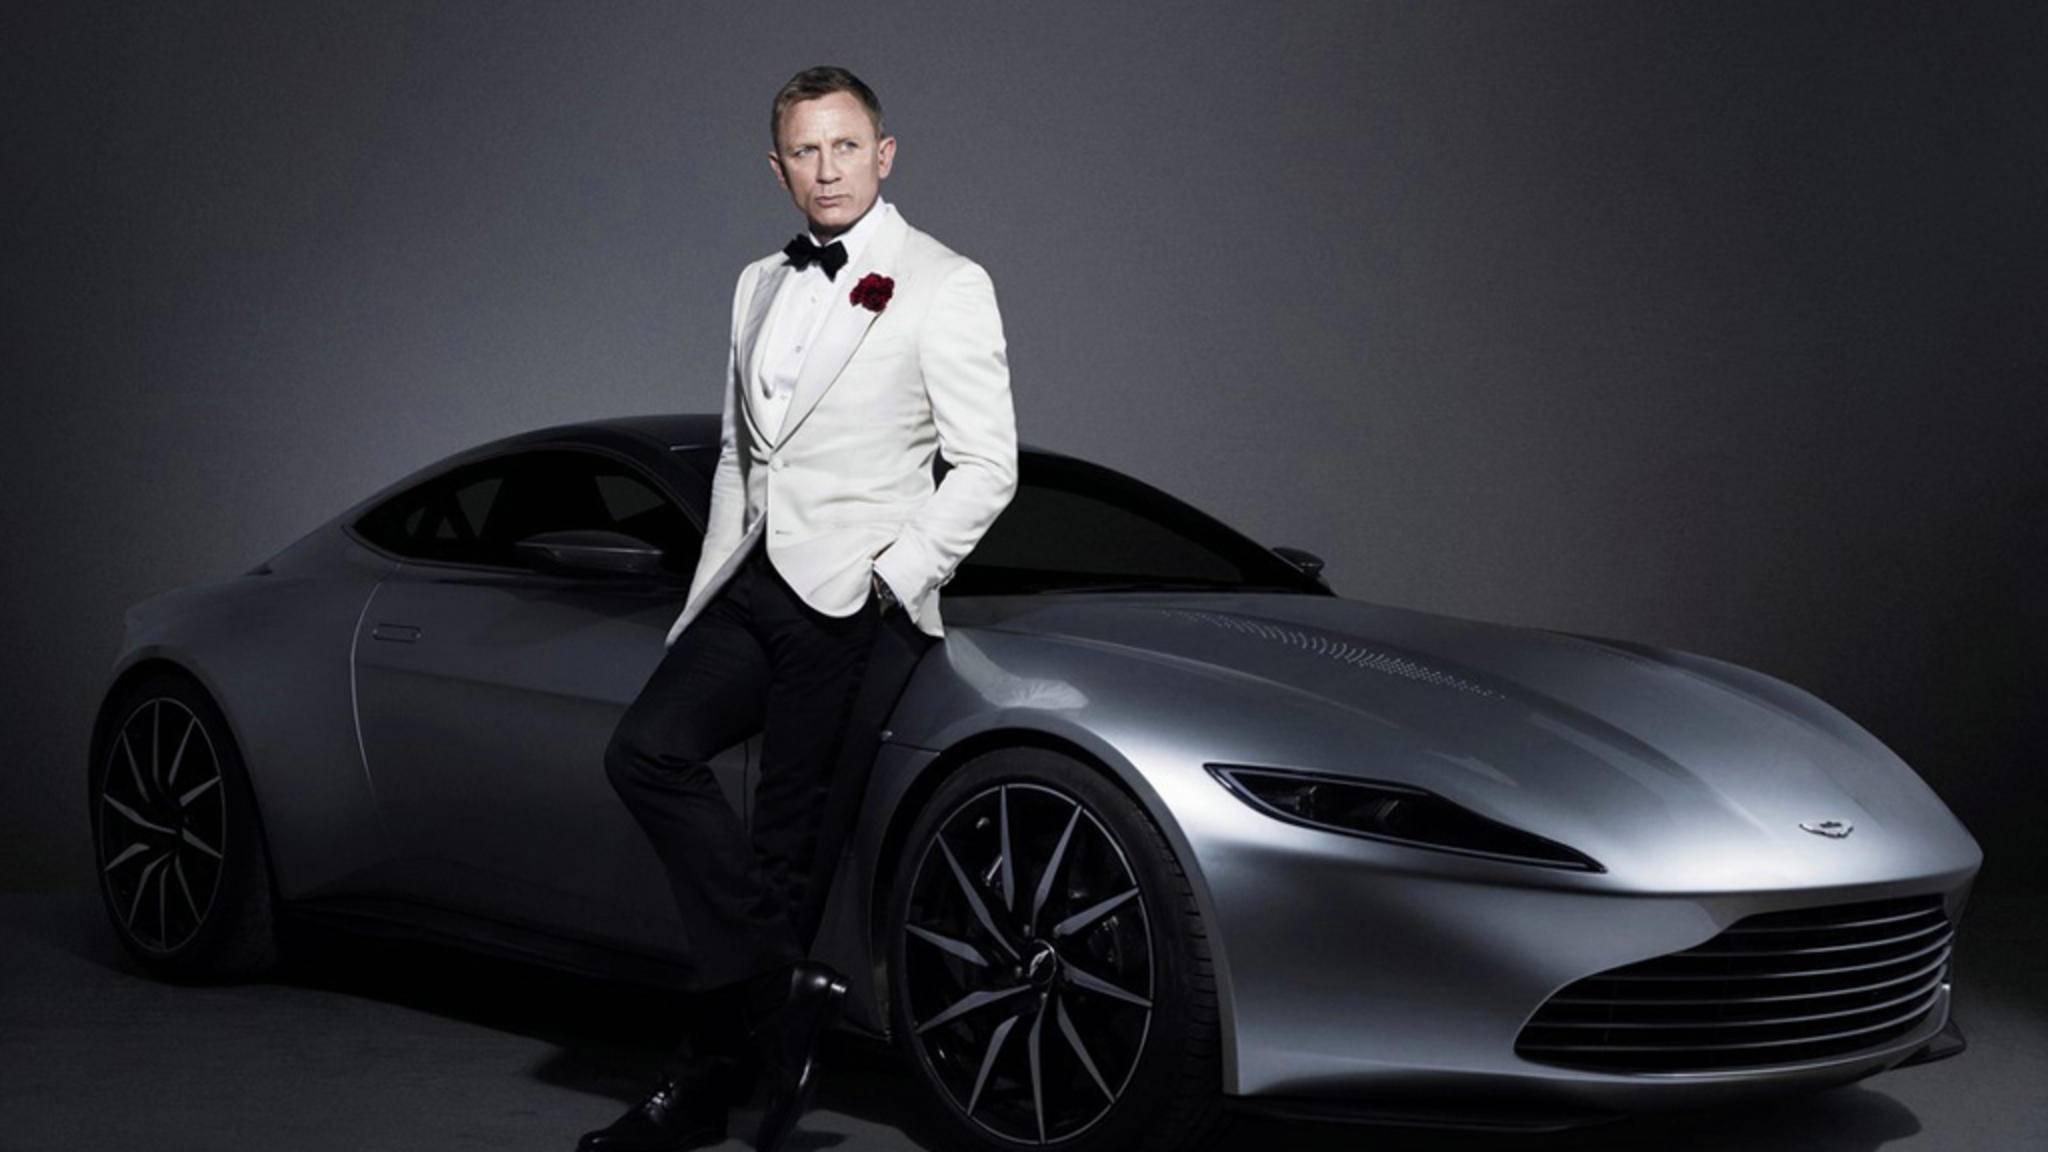 Wenn es um die Autos in den James-Bond-Filmen geht, bekommt der Lieblingsagent Ihrer Majestät nur die edelsten Gefährte.